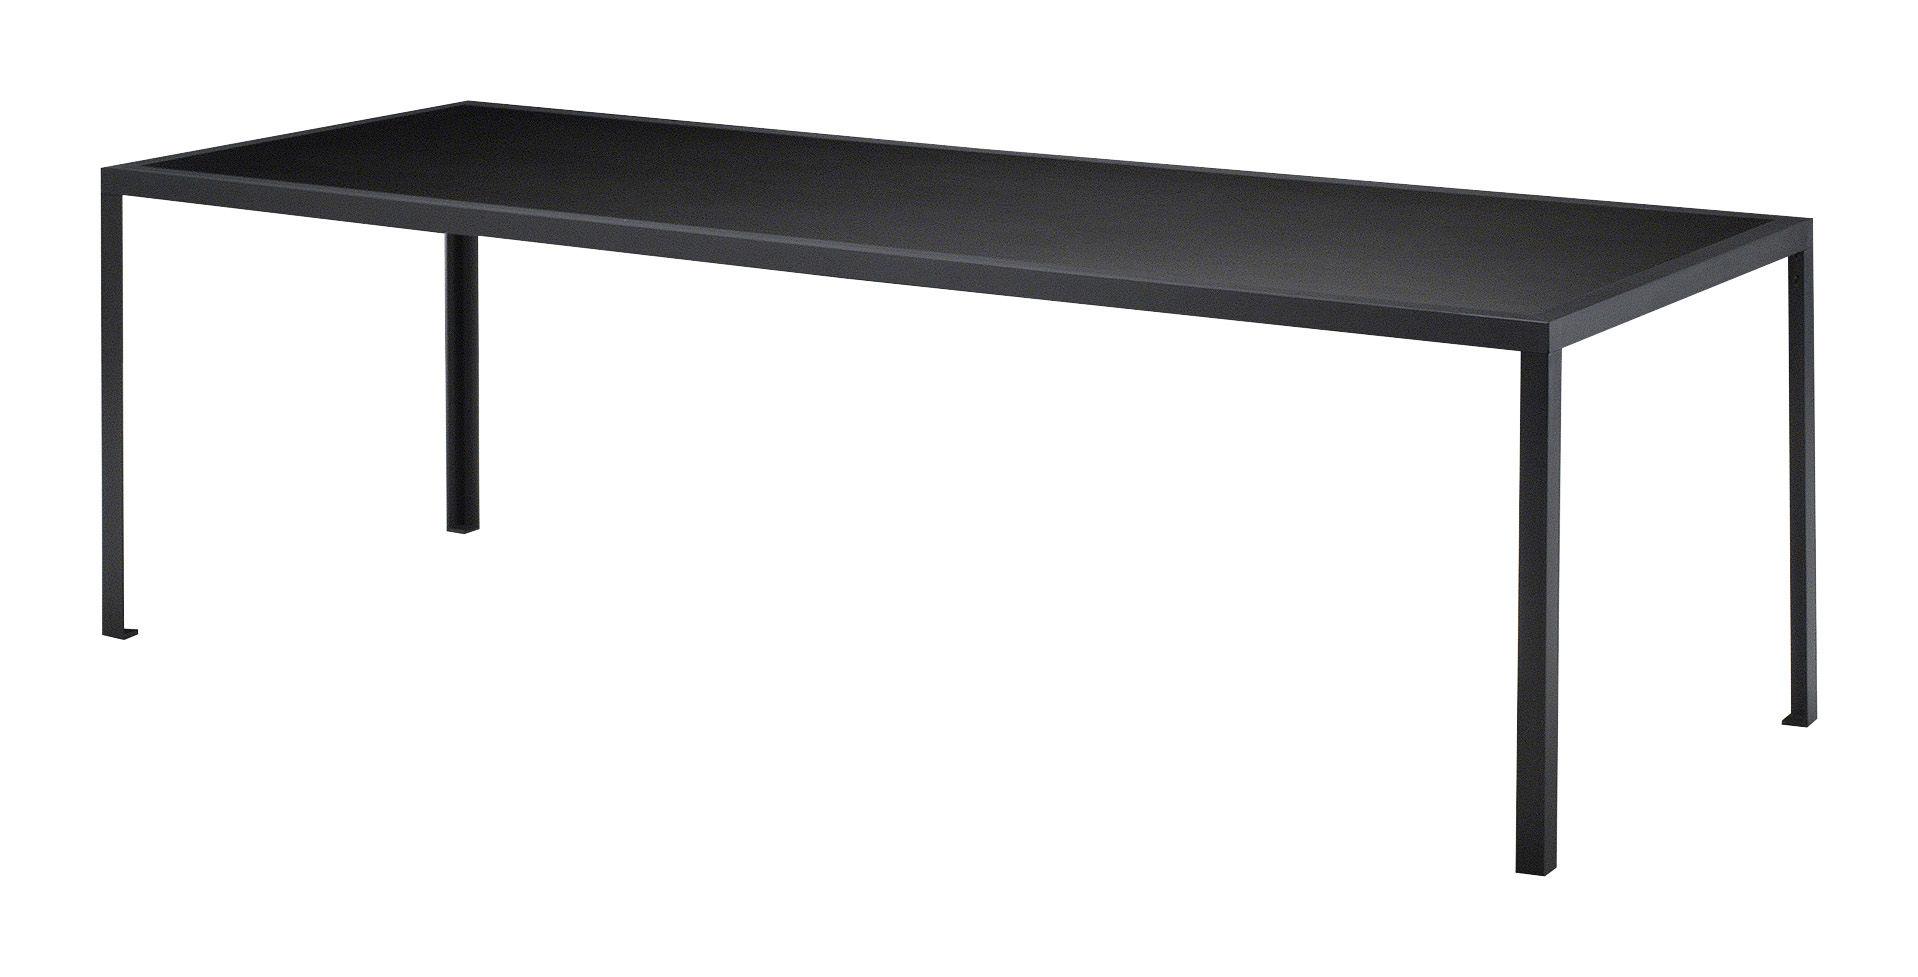 Arredamento - Tavoli - Tavolo Tavolo - rettangolare - L 160 cm di Zeus - Nero - 160 x 90 cm - Acciaio verniciato, Linoleum